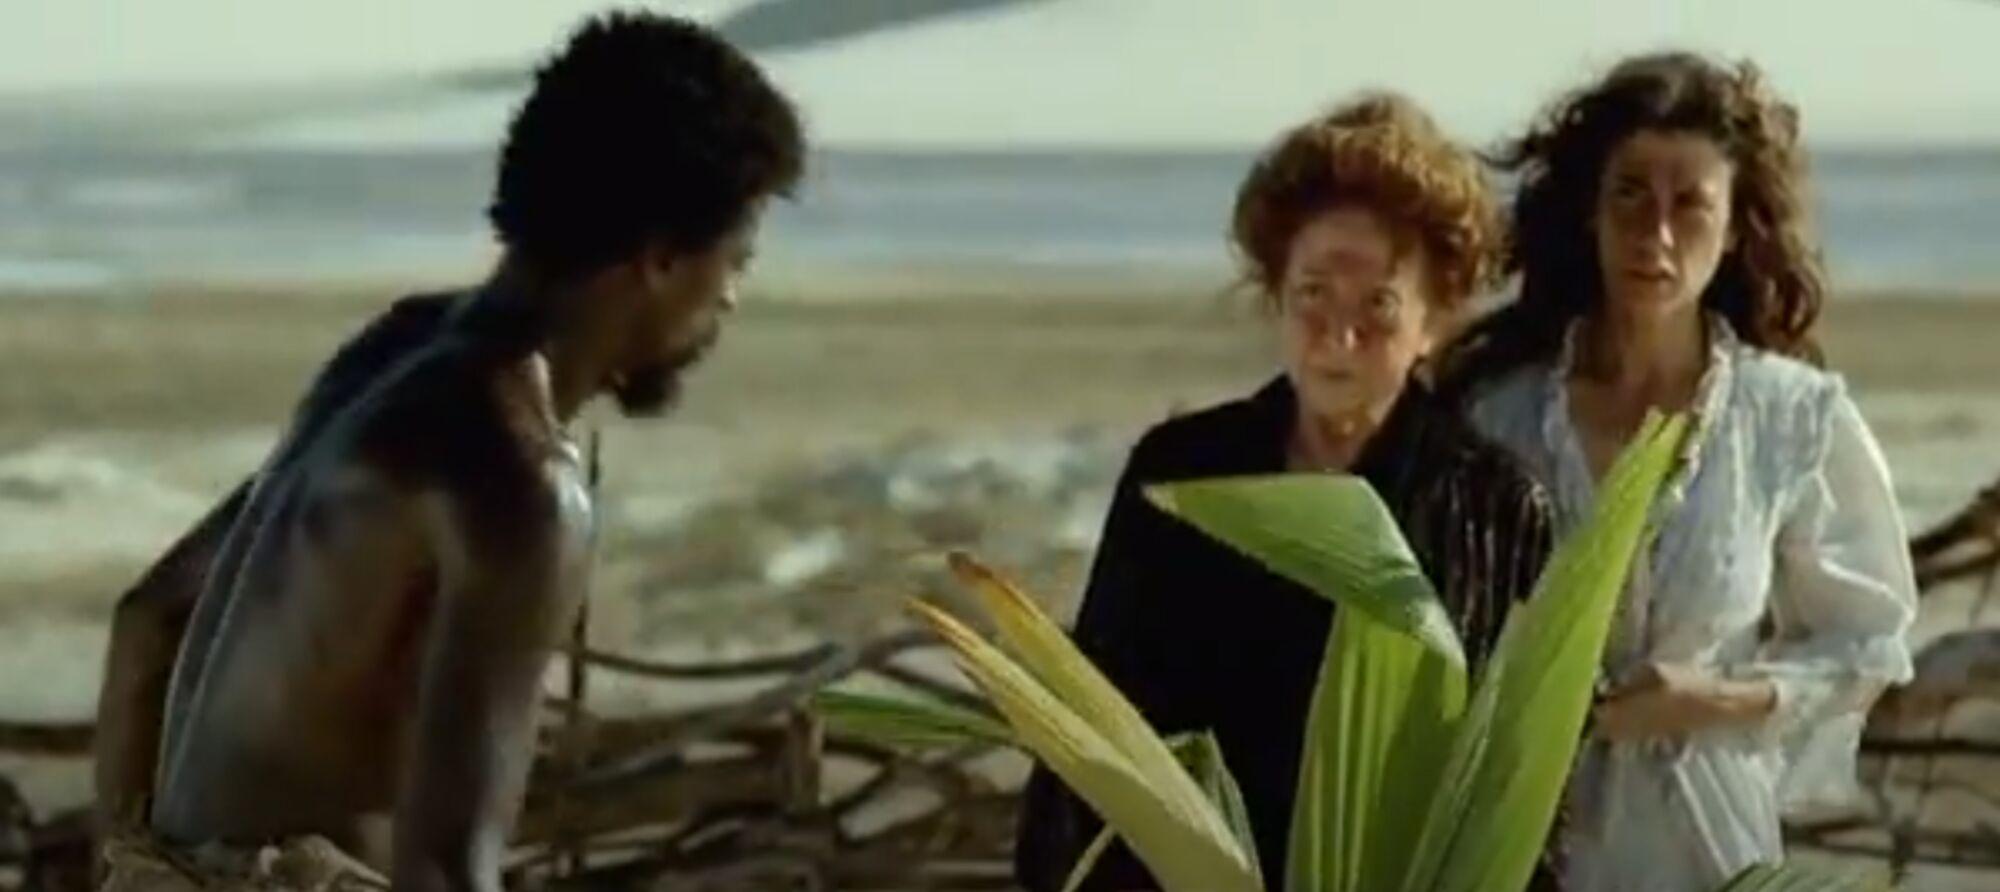 Casa de Areia (2005) - Fernanda Montenegro & Fernanda Torres